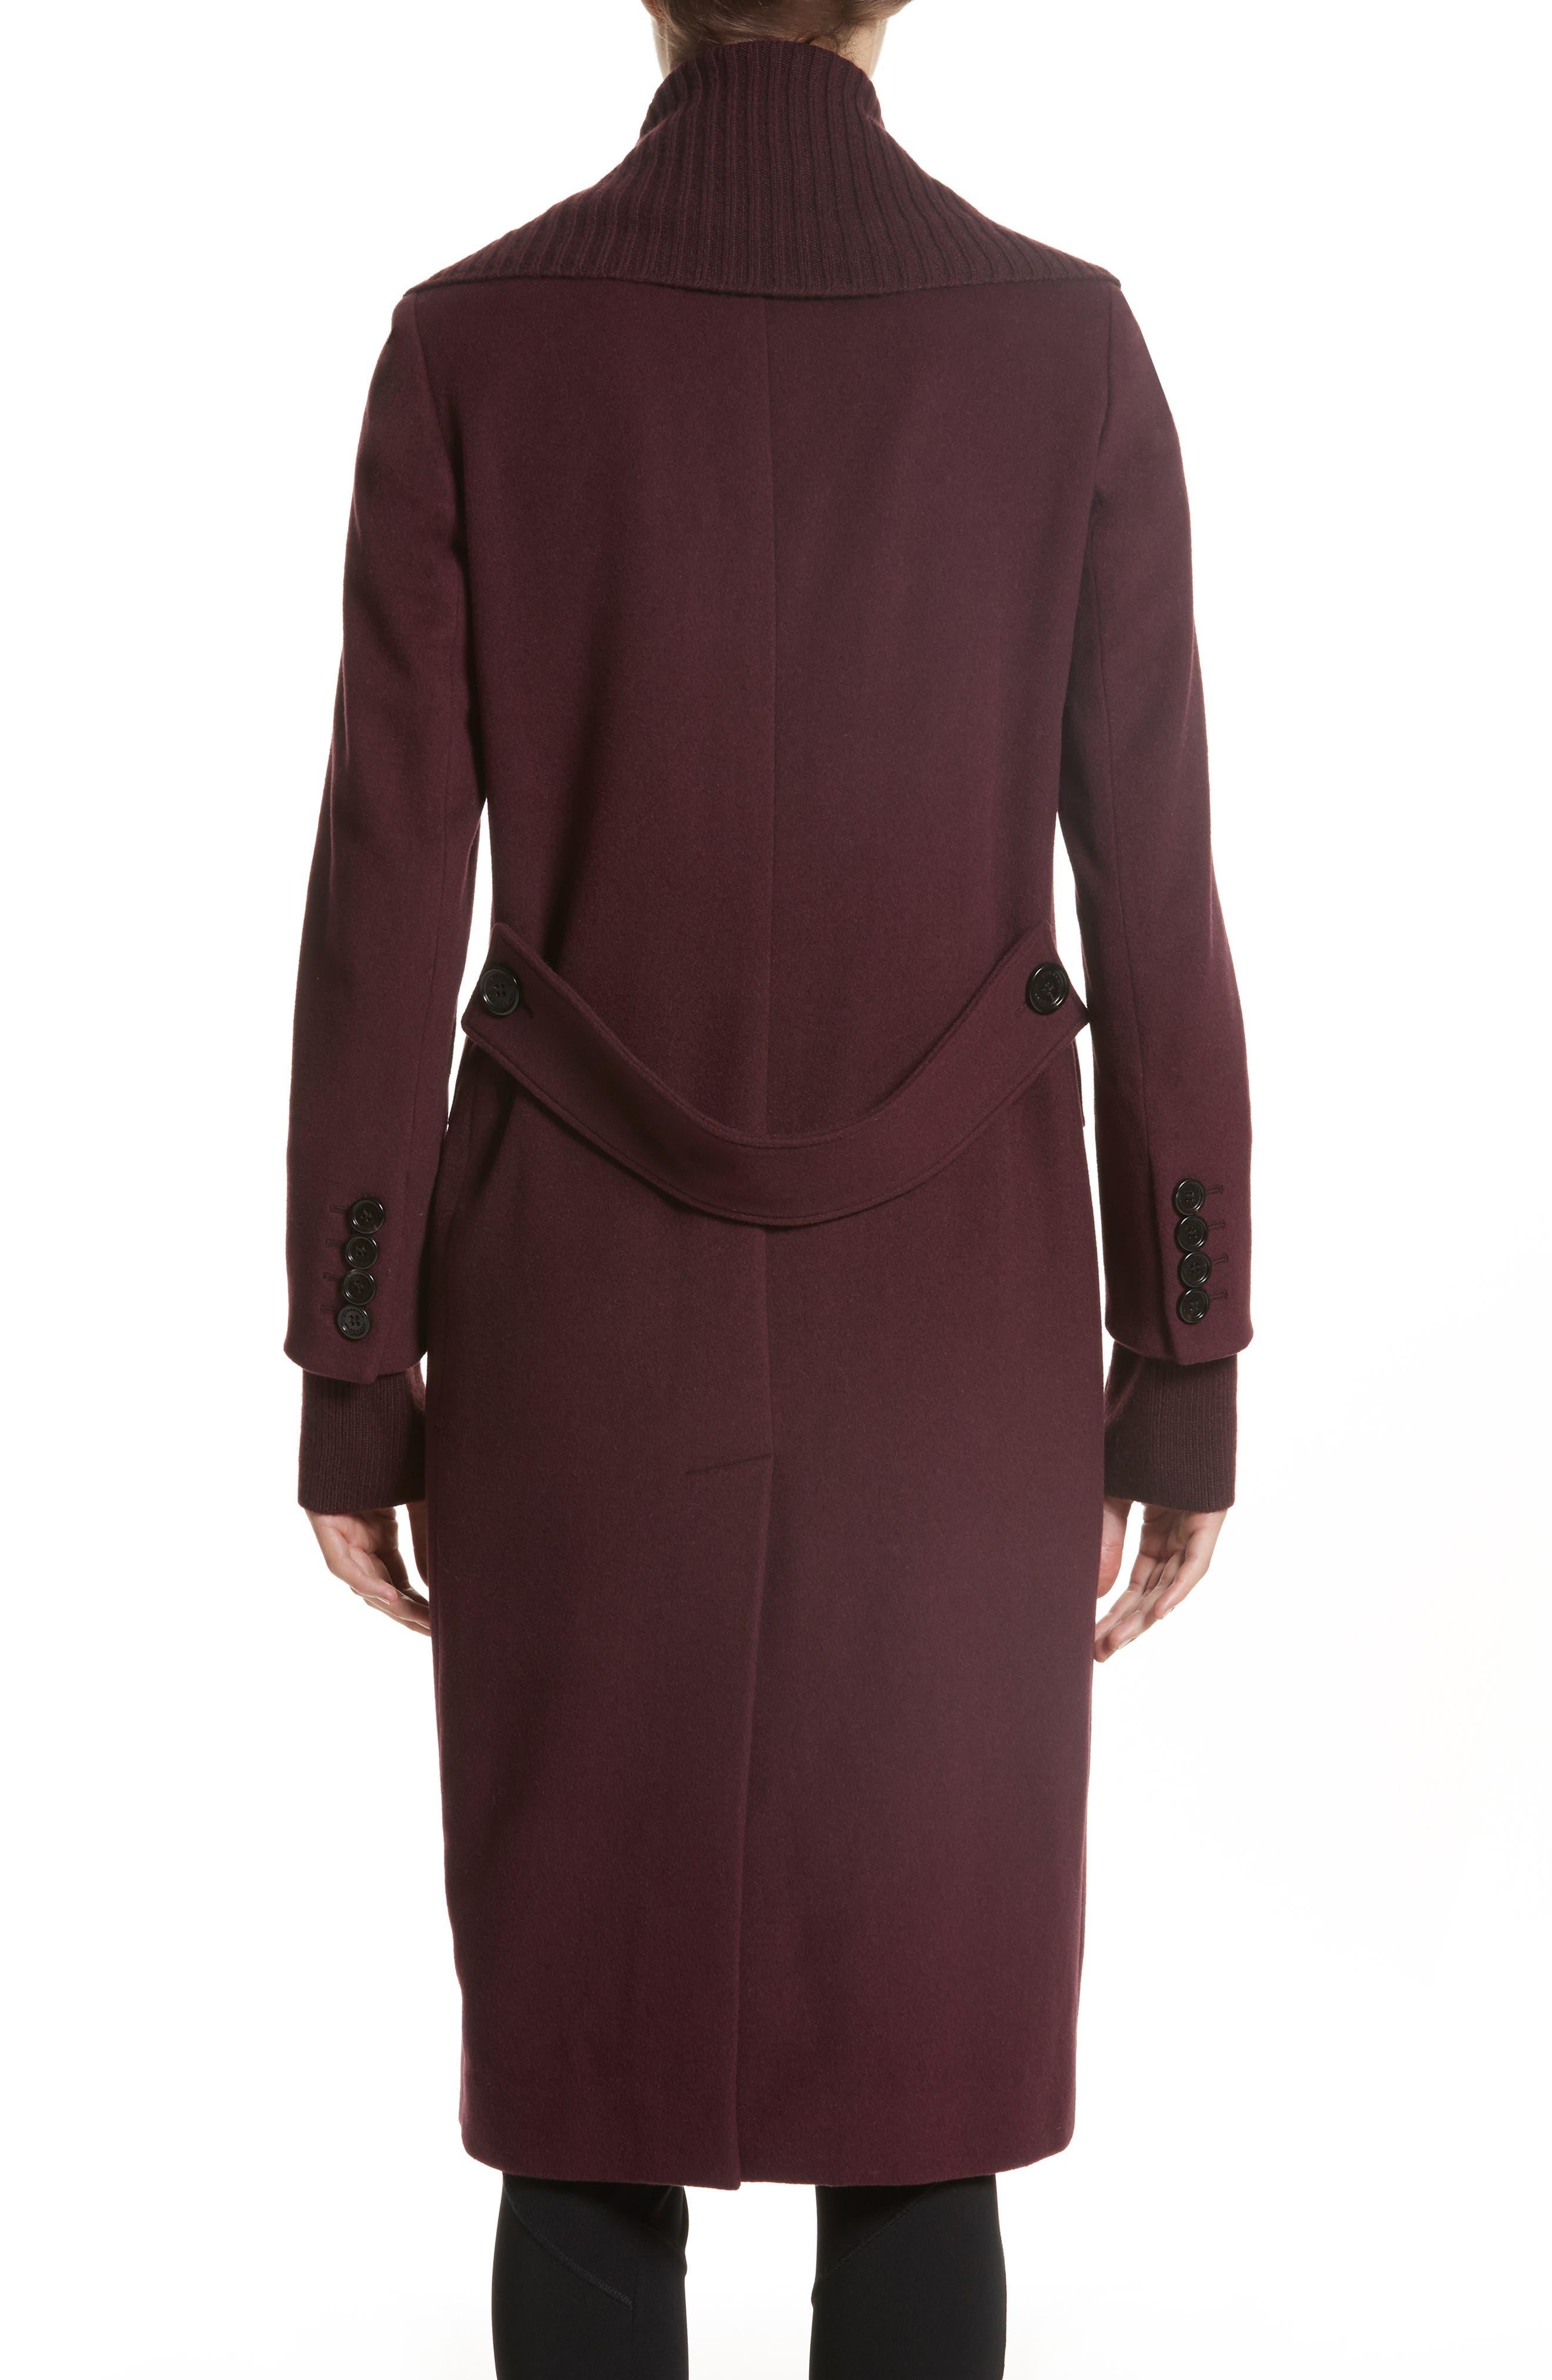 Cairndale Knit Trim Cashmere Coat,                             Alternate thumbnail 2, color,                             522